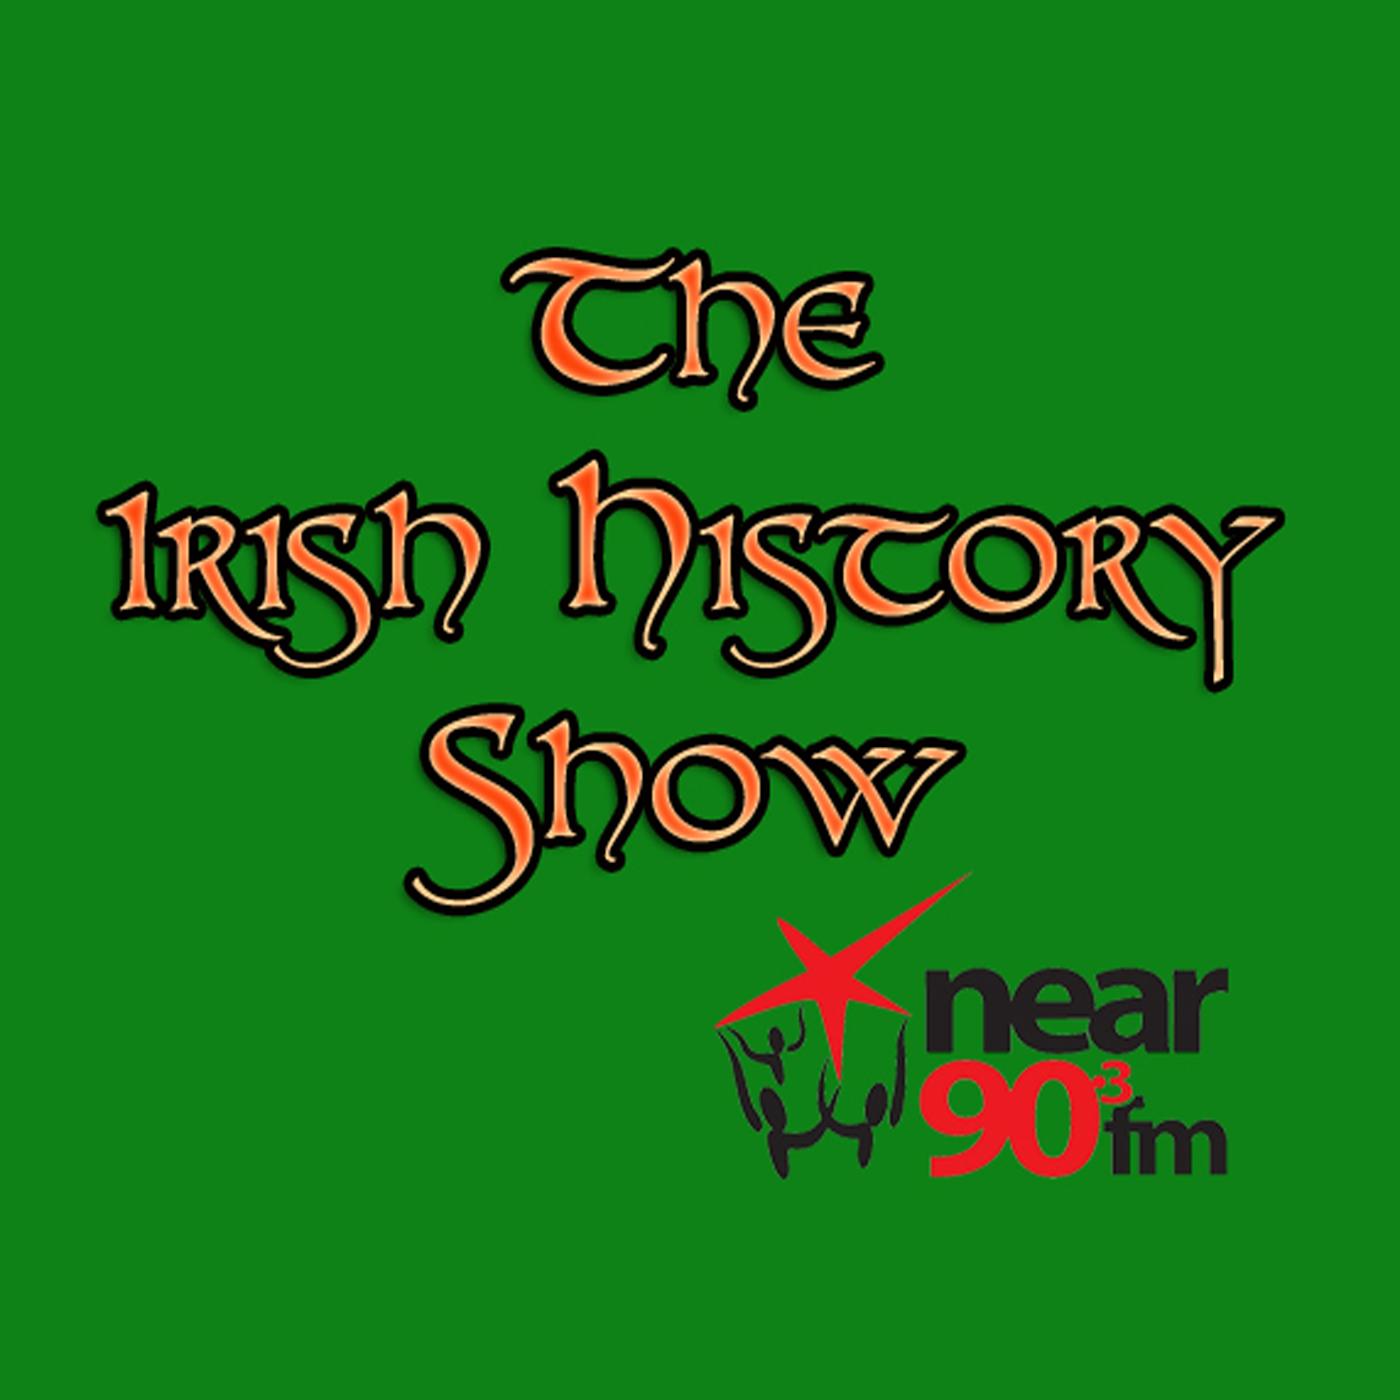 The Irish History Show